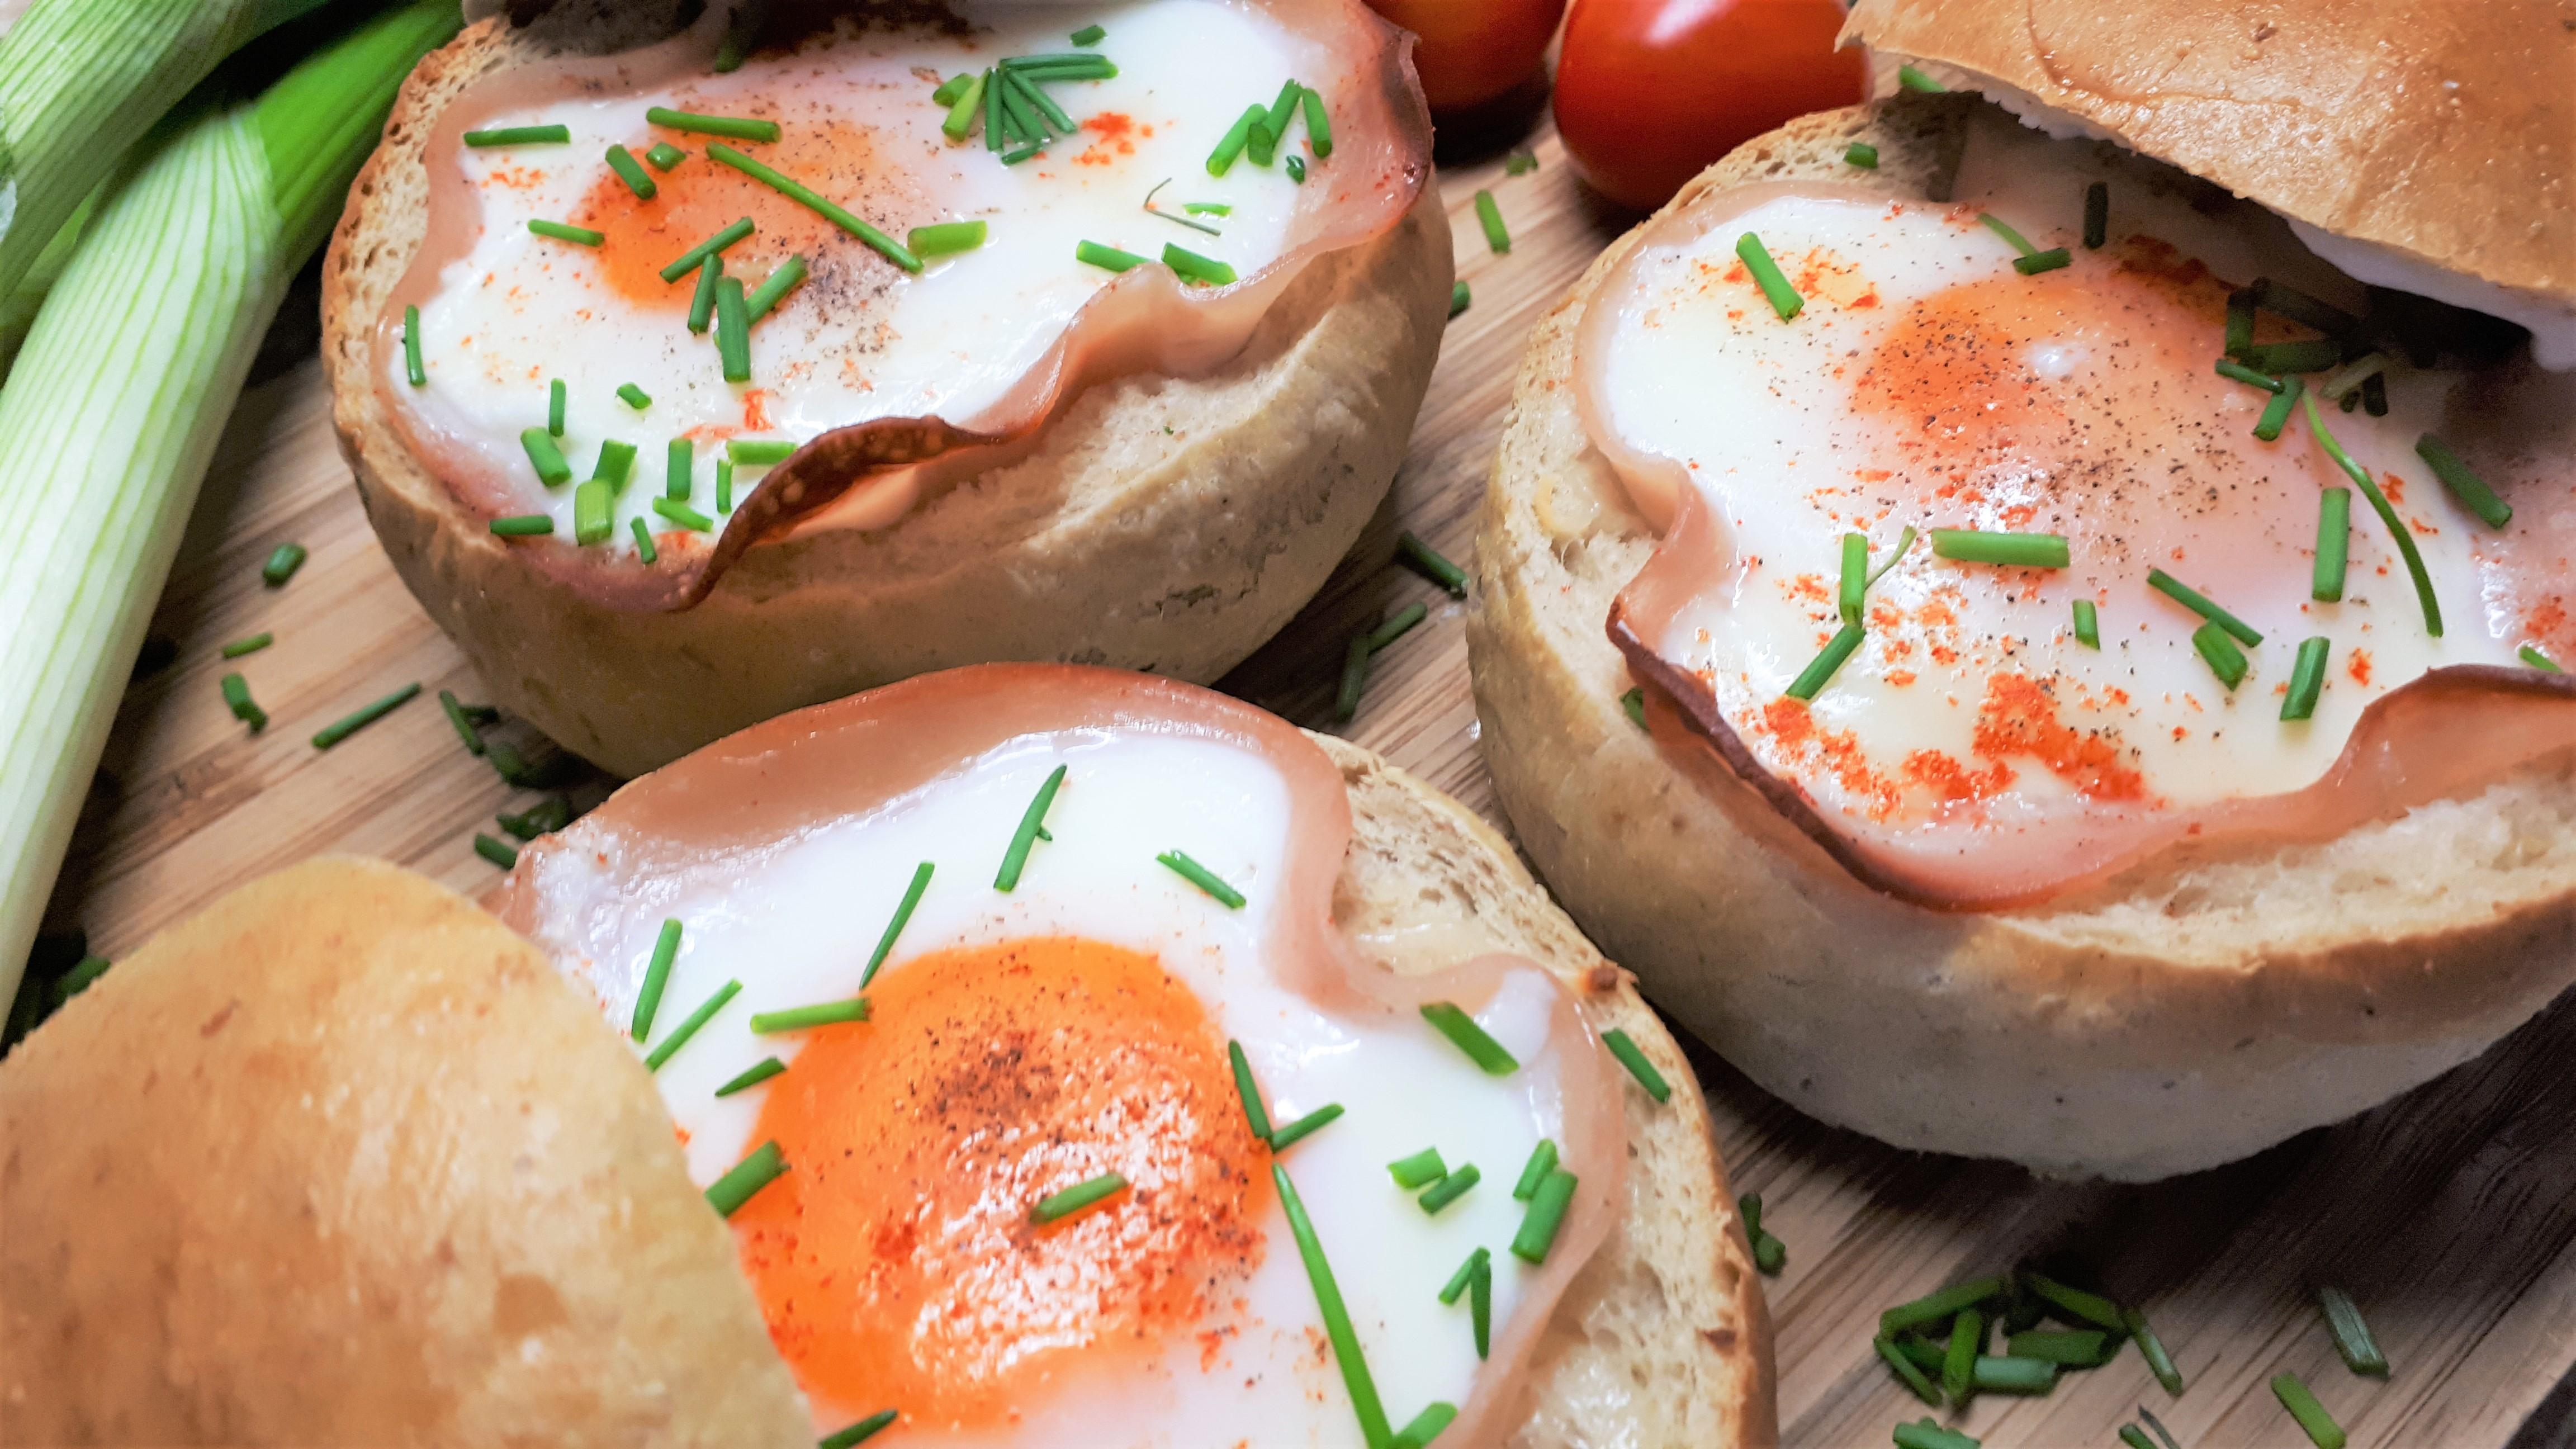 Sajttal sonkával tojással töltött zsemle diétásan, szénhidrátcsökkentett zsemléből